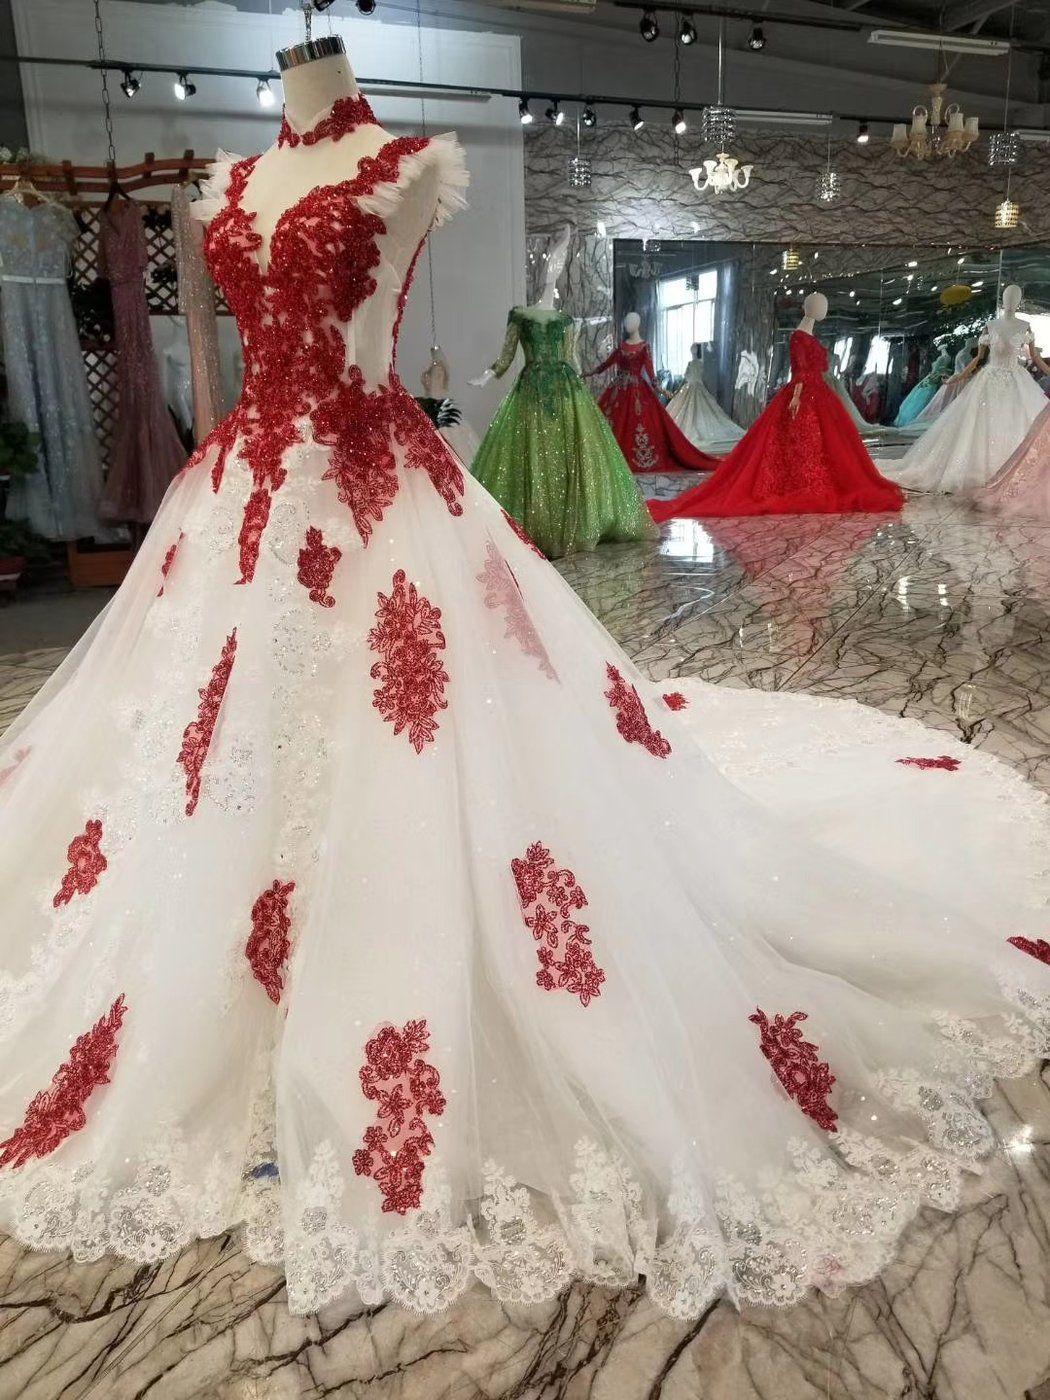 red white and gold wedding dresses off 20   medpharmres.com